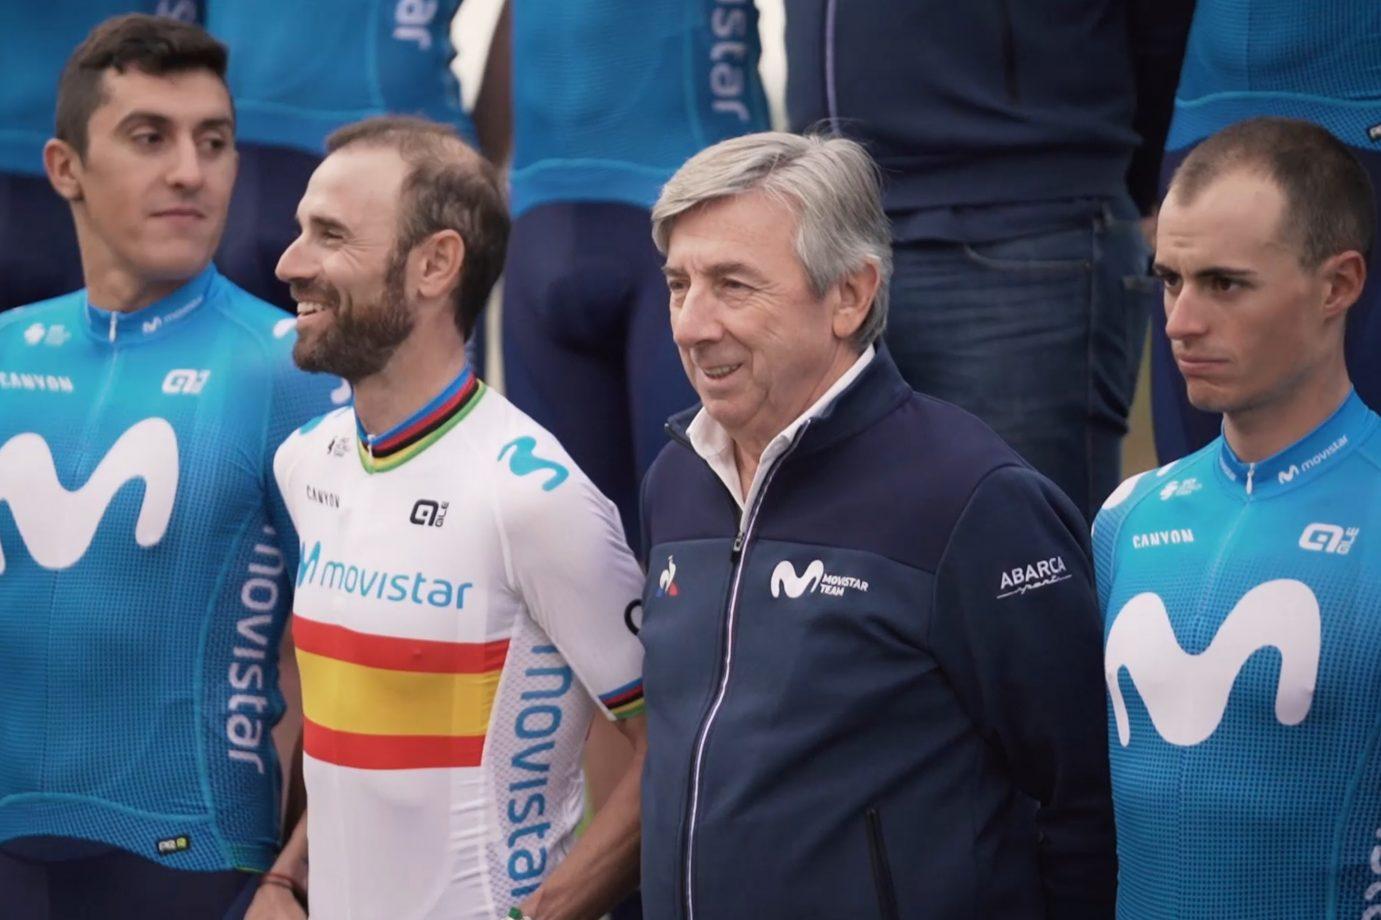 Imagen de la noticia 'Valverde, Soler & Mas: 2020 men's Movistar Team Preview'